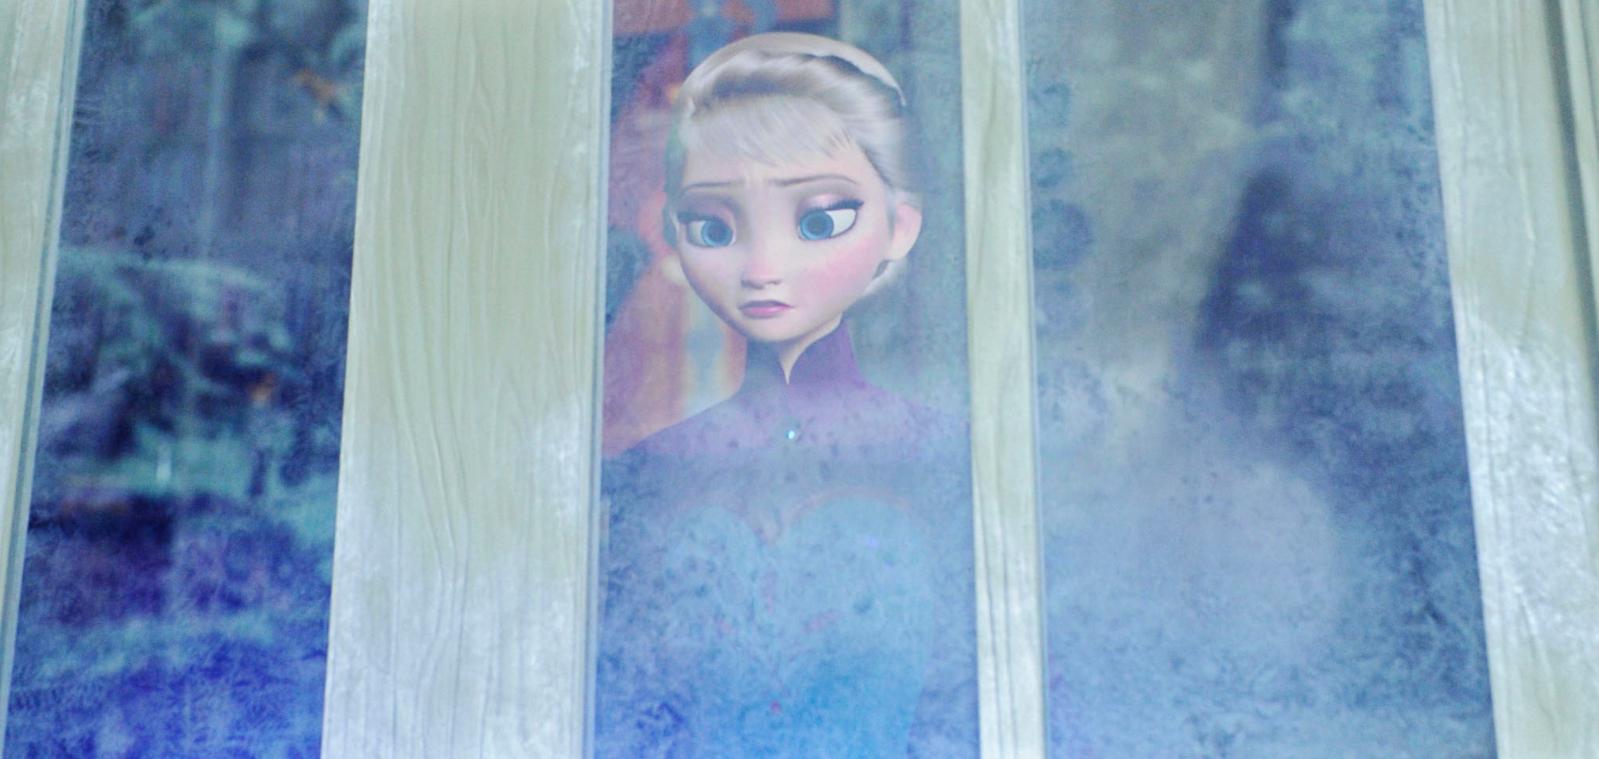 [Walt Disney] La Reine des Neiges (2013) - Sujet d'avant-sortie avec SPOILERS - Page 4 Elsa